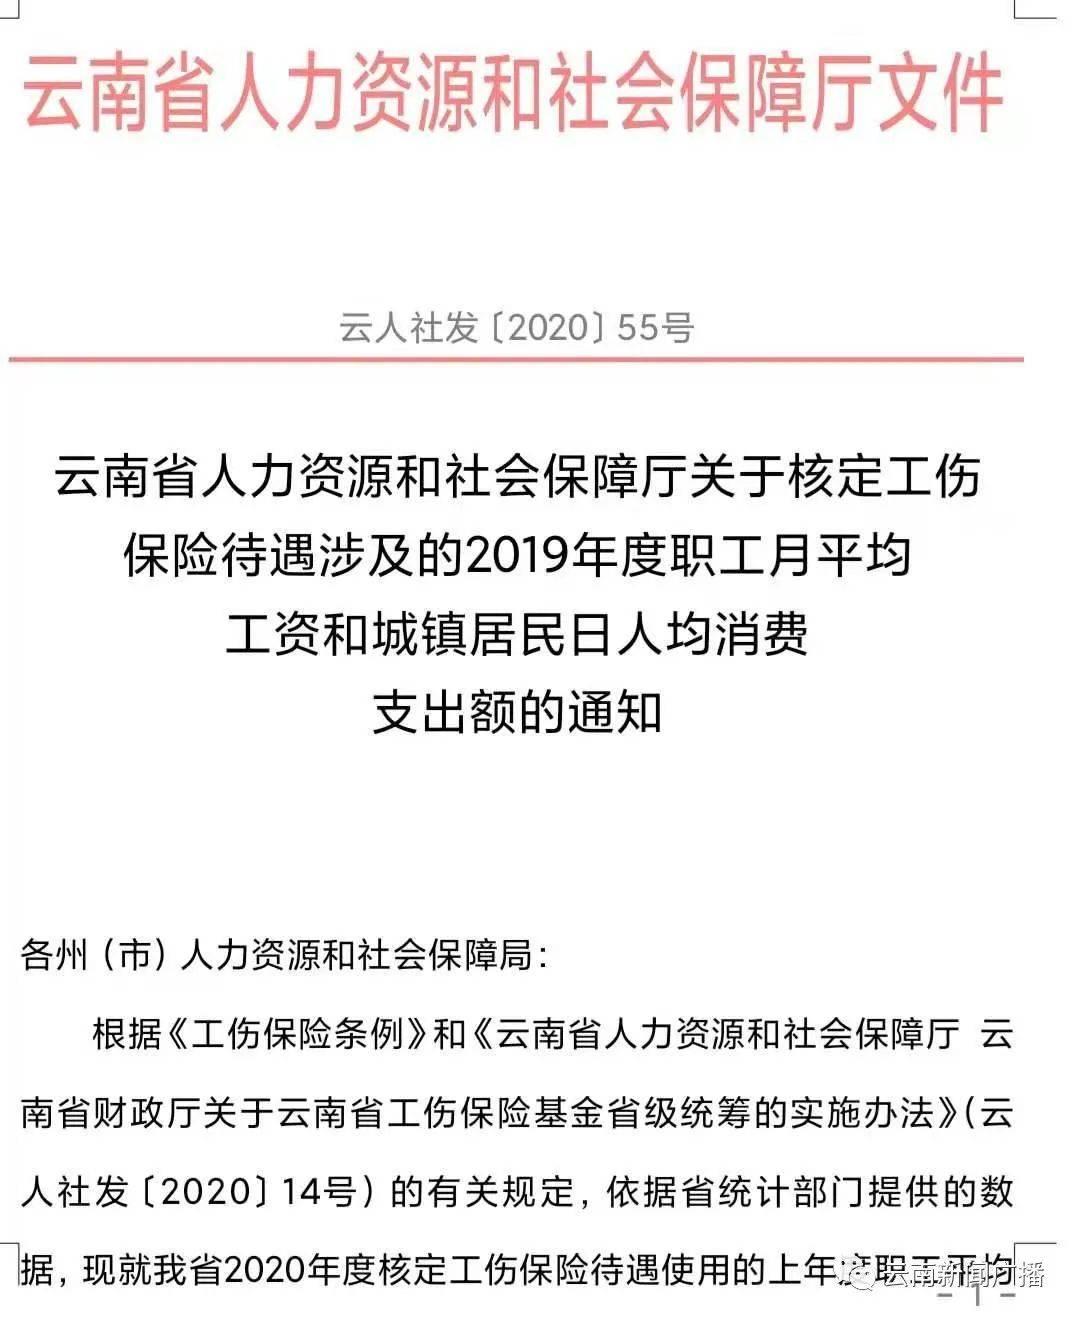 事关2020年10月1日后工伤保险待遇核定!云南省人力资源和社会保障厅公布这几项标准